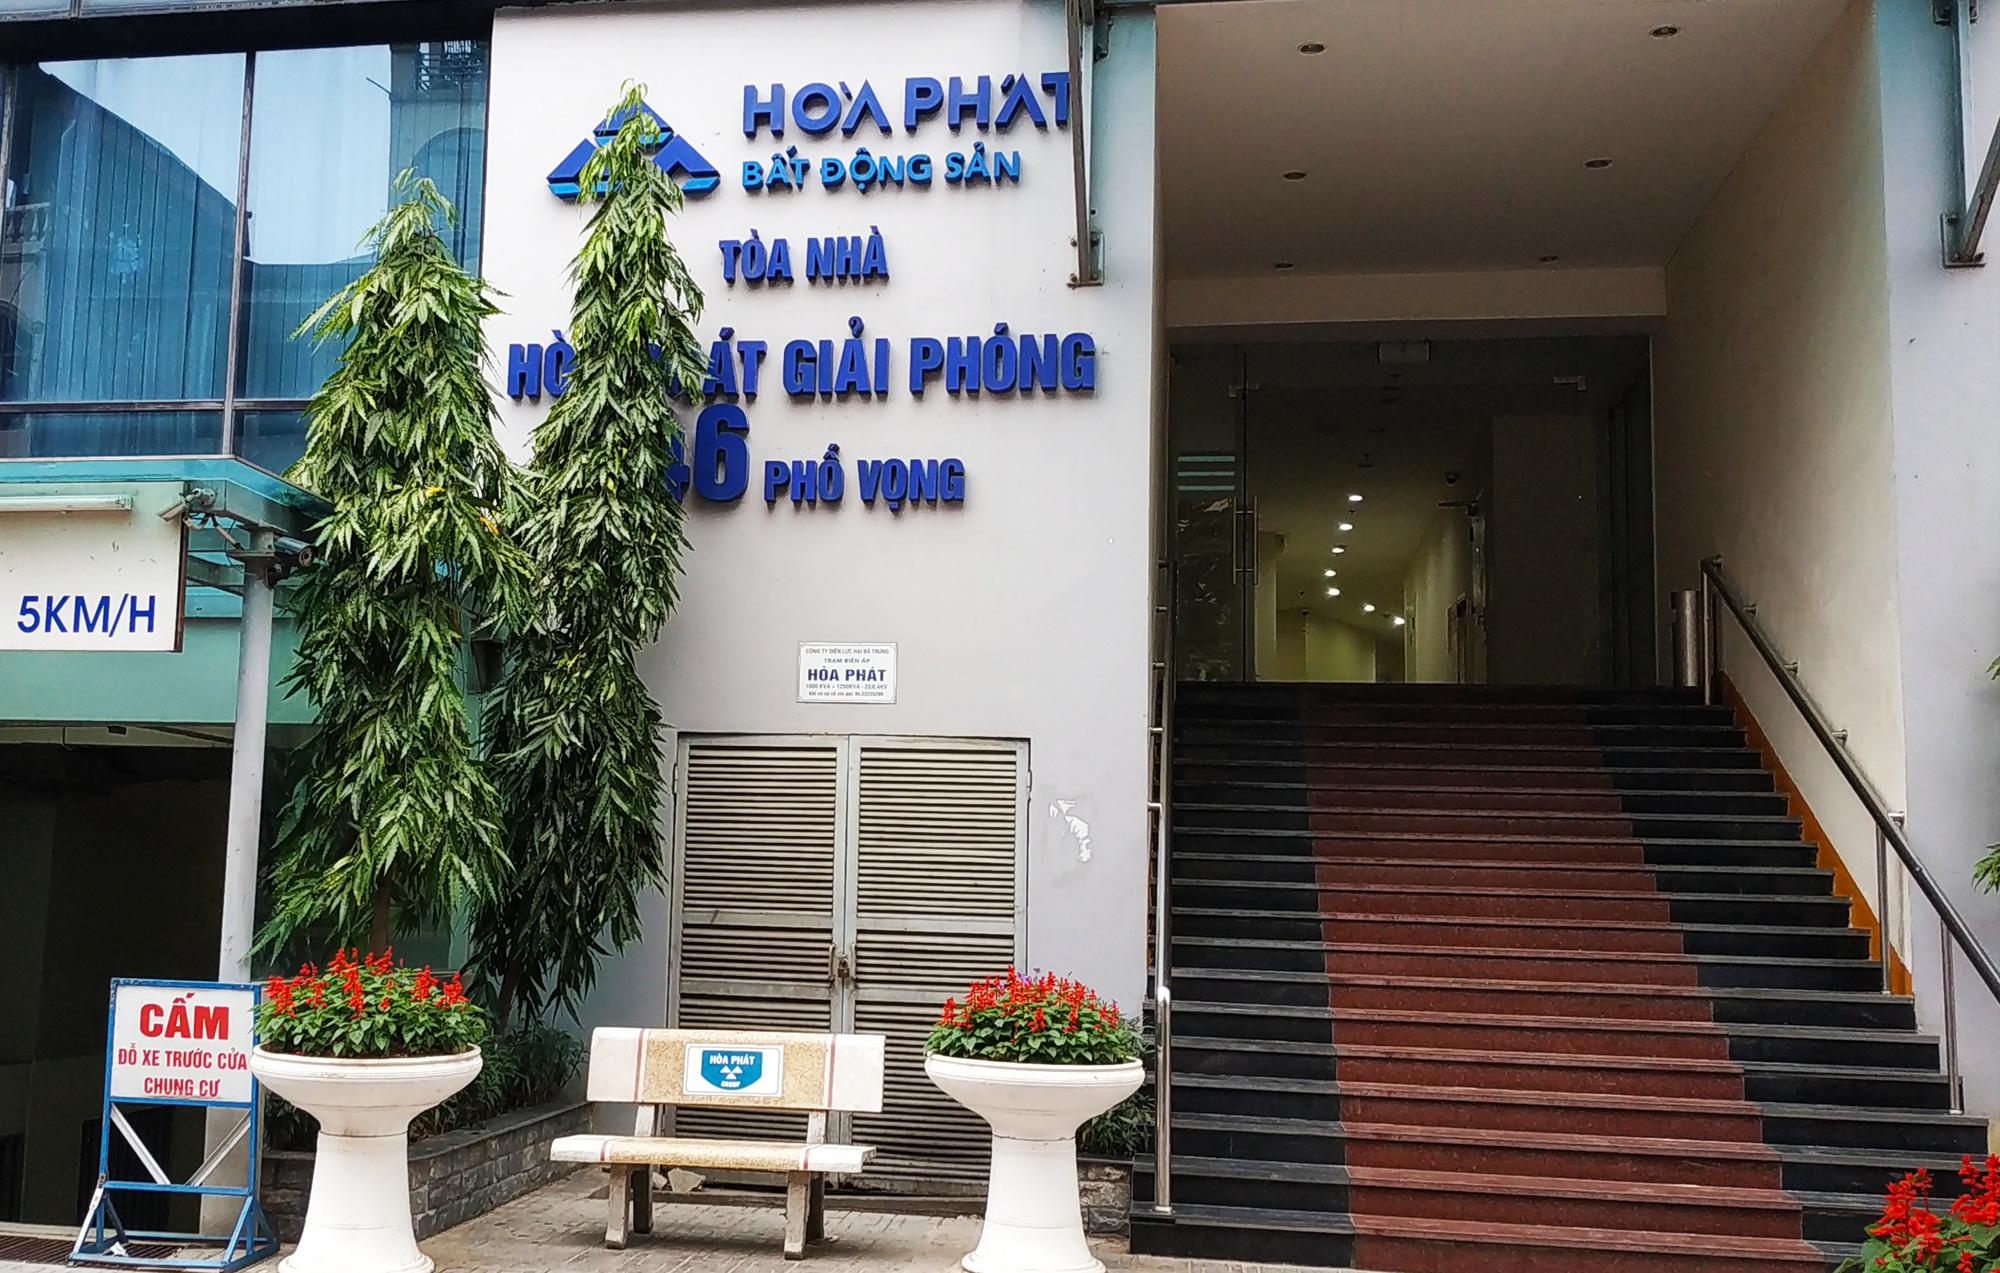 Con trai Chủ tịch Hòa Phát đăng kí mua 20 triệu cổ phiếu HPG, trị giá gần 400 tỉ đồng - Ảnh 1.